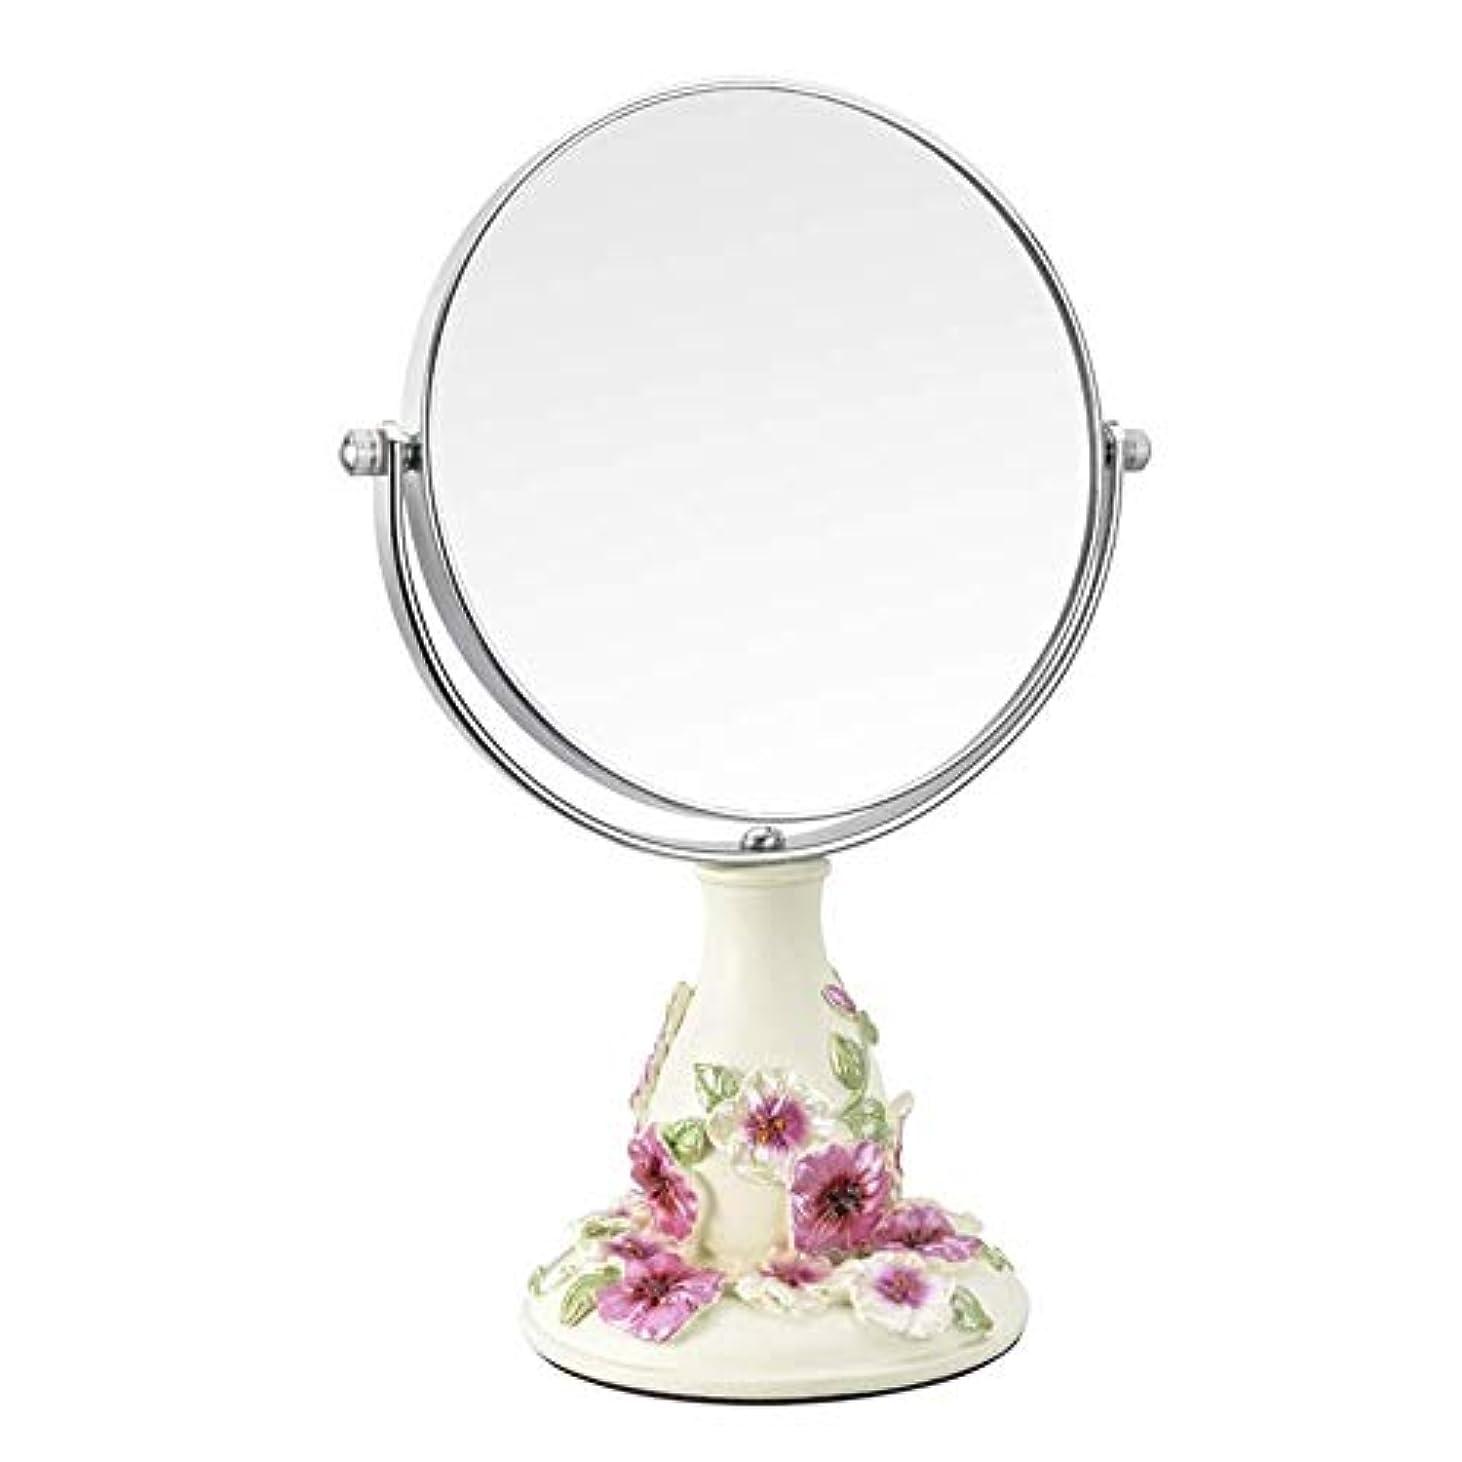 逆説インチ定期的な流行の ビンテージ化粧鏡、鏡360°回転スタンド、1倍と3倍の倍率、ラウンドダブル両面回転化粧鏡